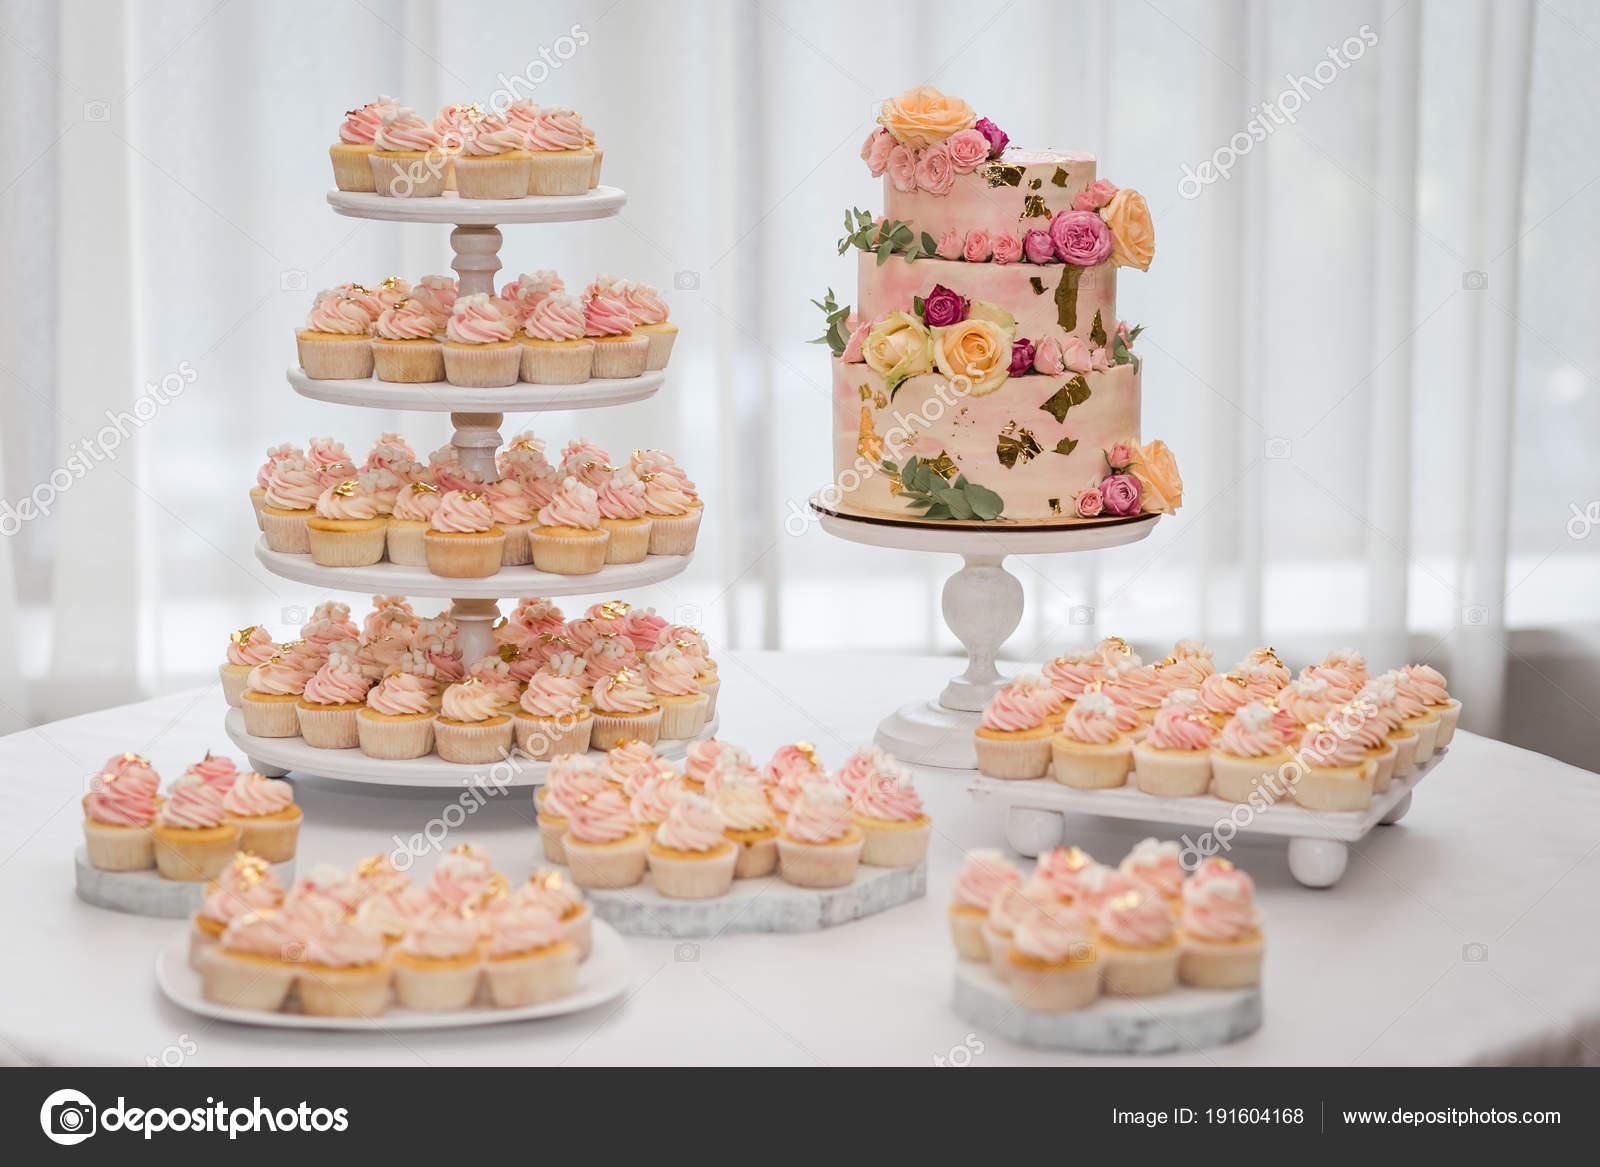 Buffet Di Dolci Per Compleanno : Anti pasti menù per feste di compleanno e cerimonie ׃ buffet